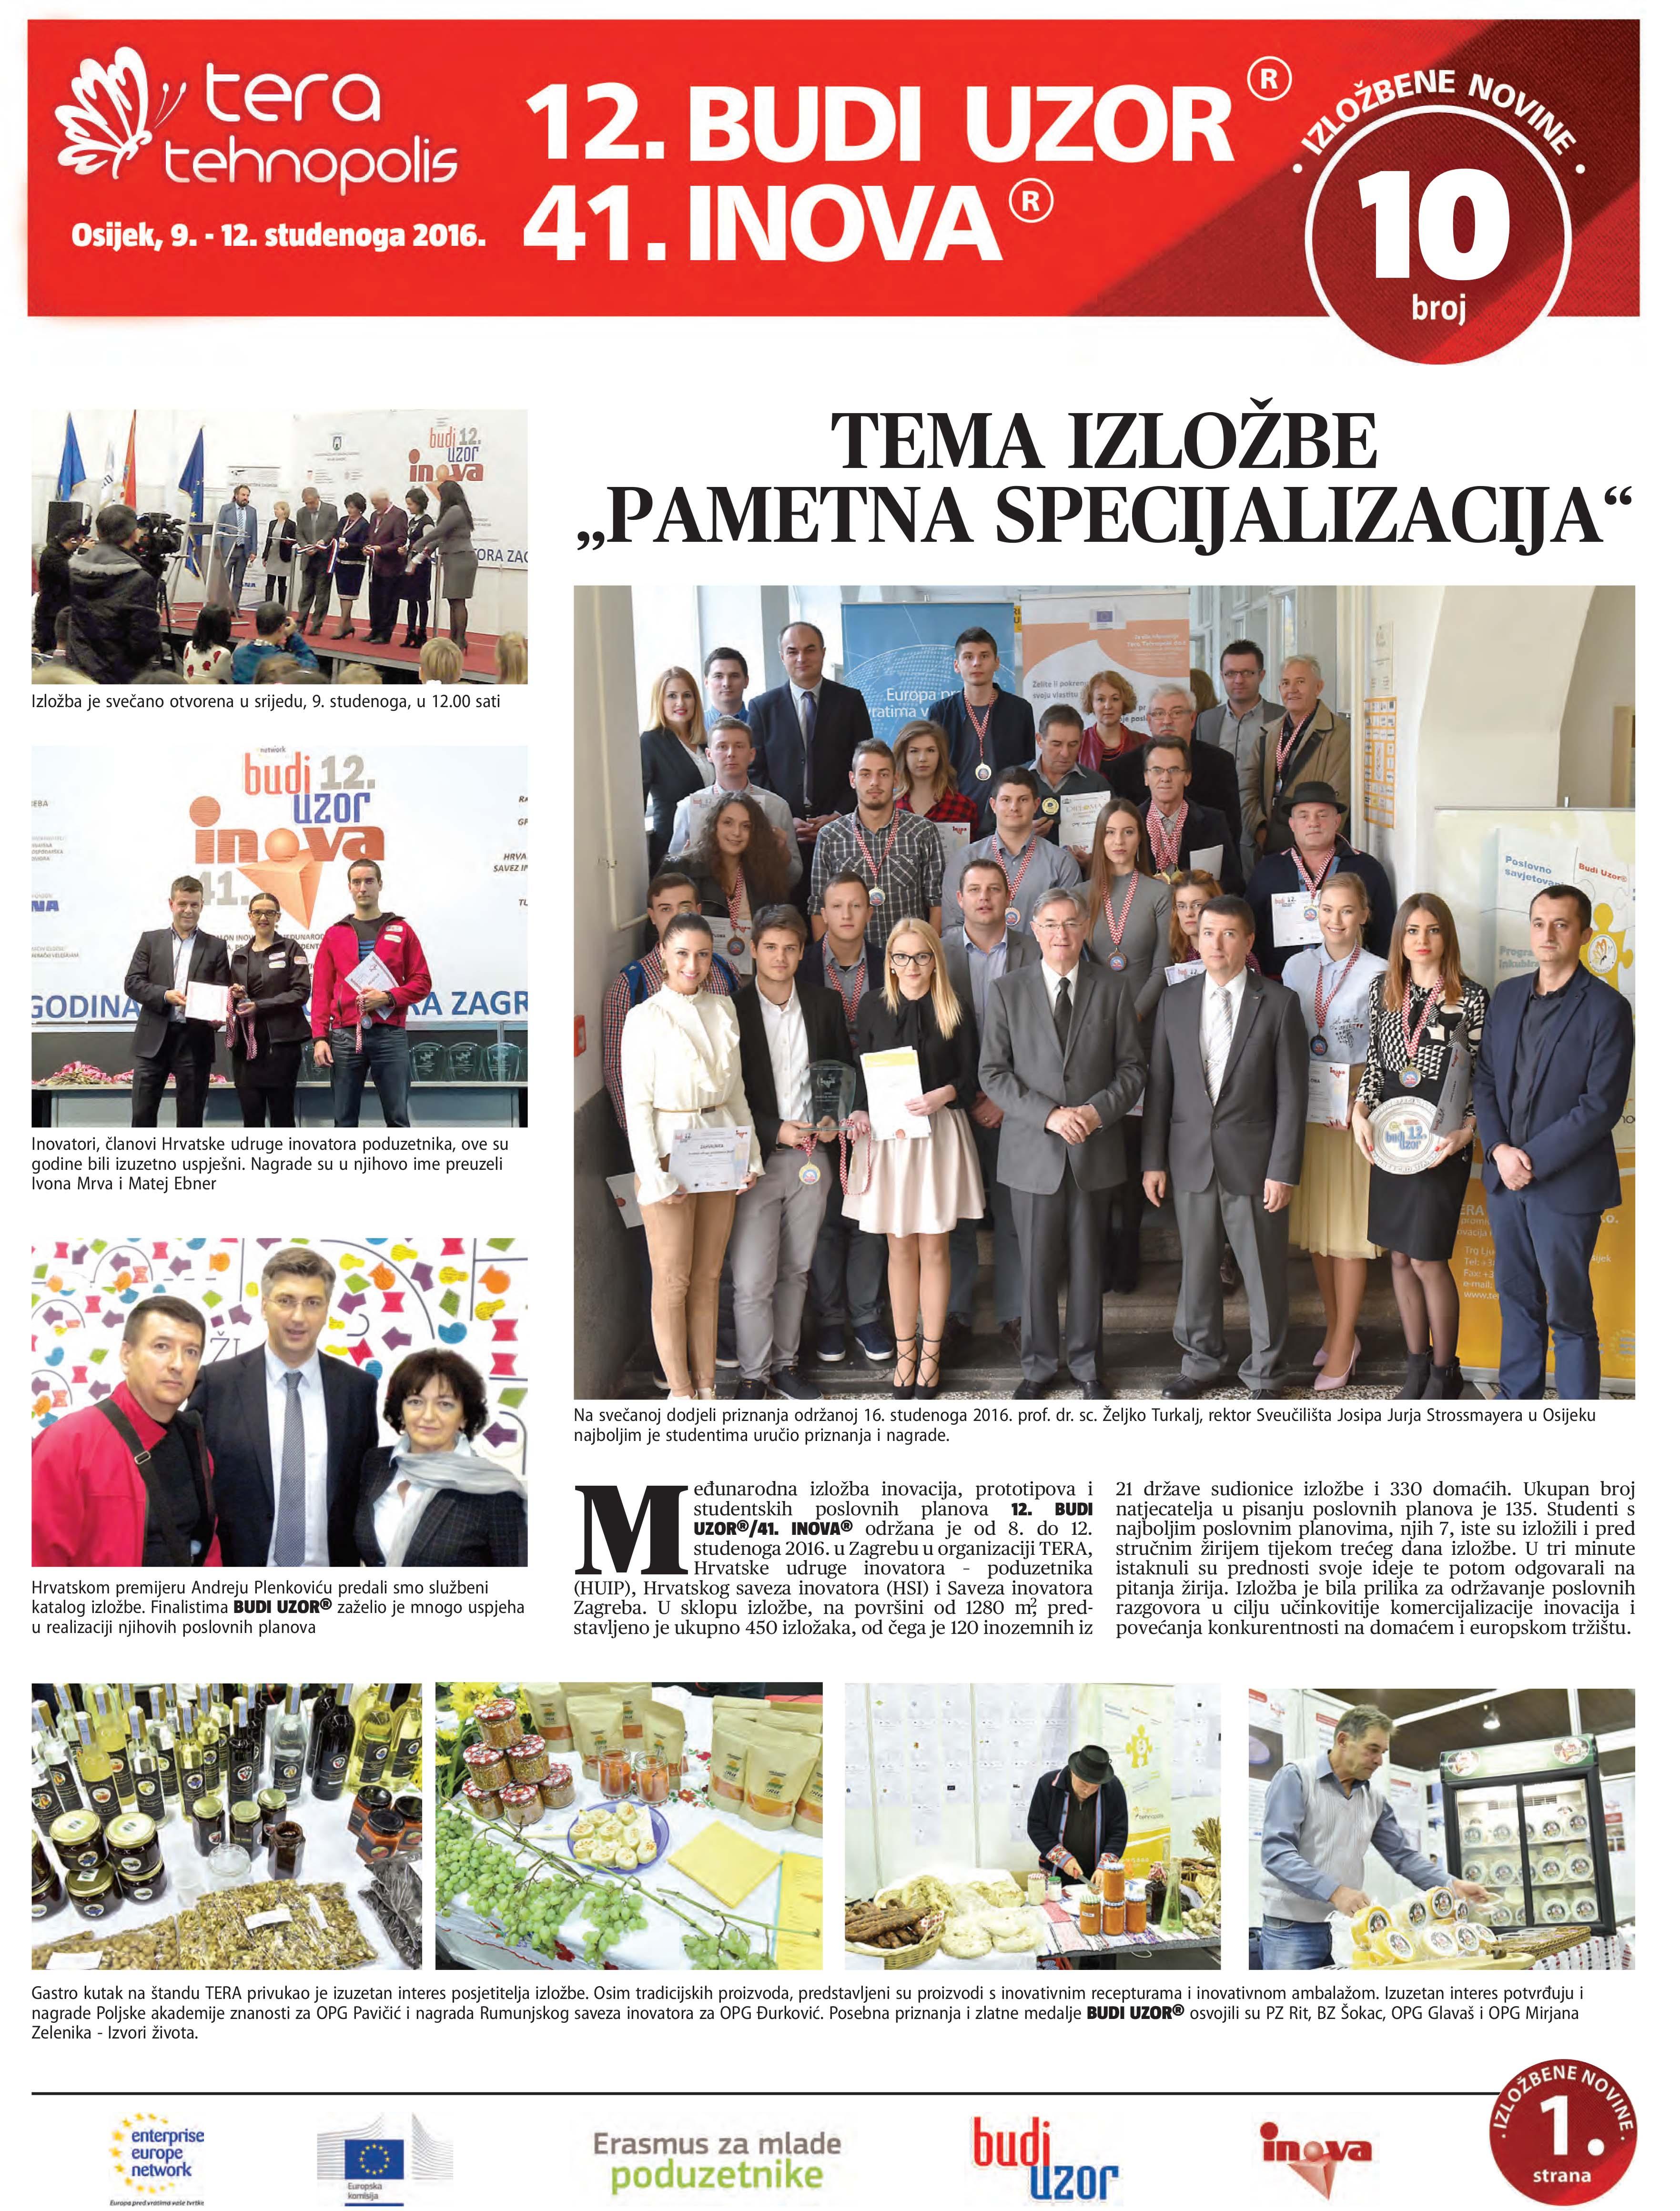 Izložbene novine broj 10, 19. studenoga 2016.